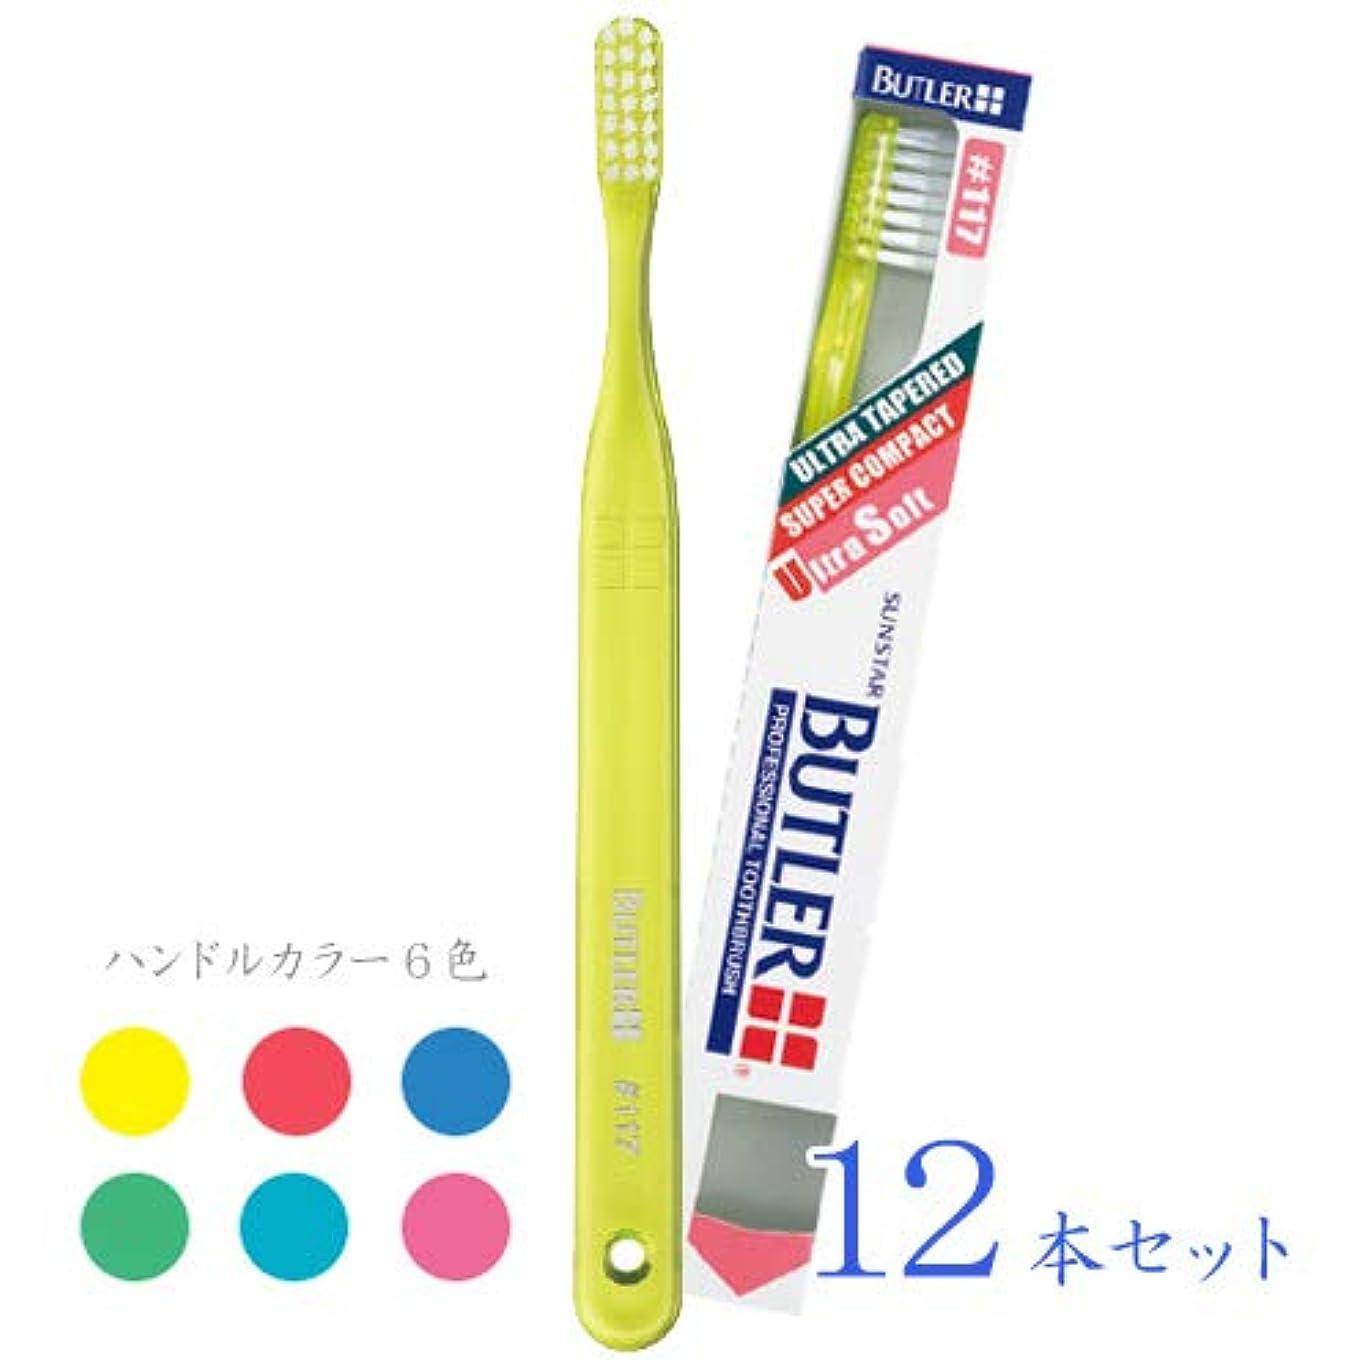 【サンスター/バトラー】【歯科用】バトラー歯ブラシ #117 12本【歯ブラシ】【やわらかめ】【スーパーコンパクトヘッド】ハンドルカラー6色(アソート)一般用(3列フラット)